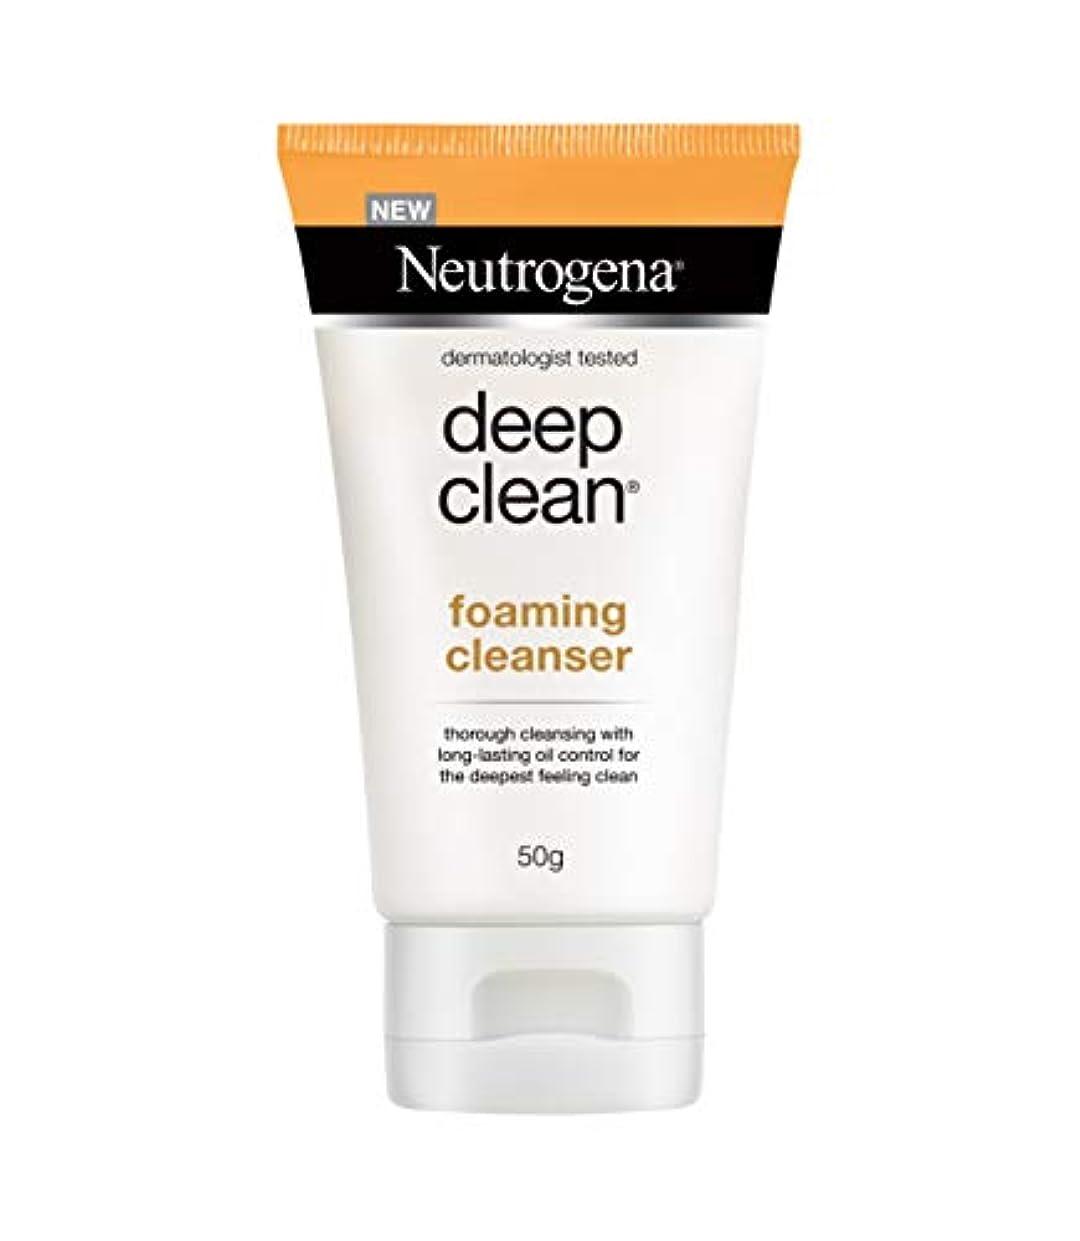 お手入れ省テーブルを設定するNeutrogena Deep Clean Foaming Cleanser, 50g